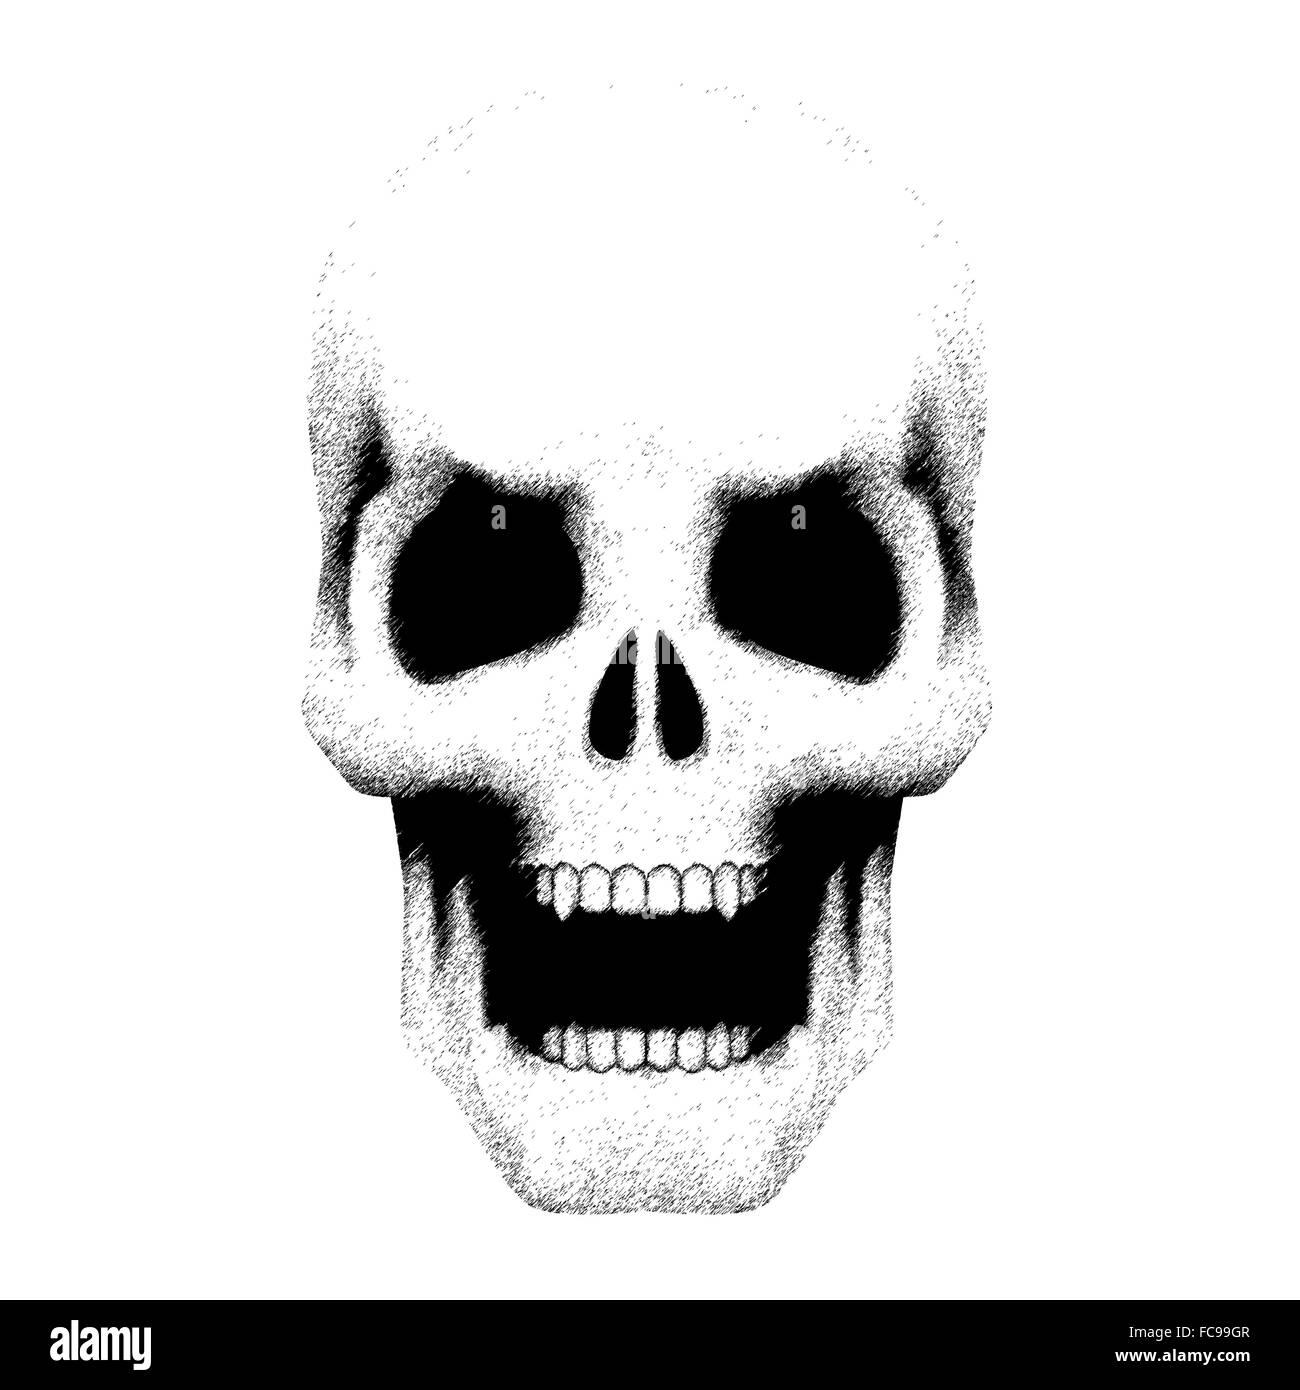 crânio humano com boca aberta no desenho estilo foto imagem de